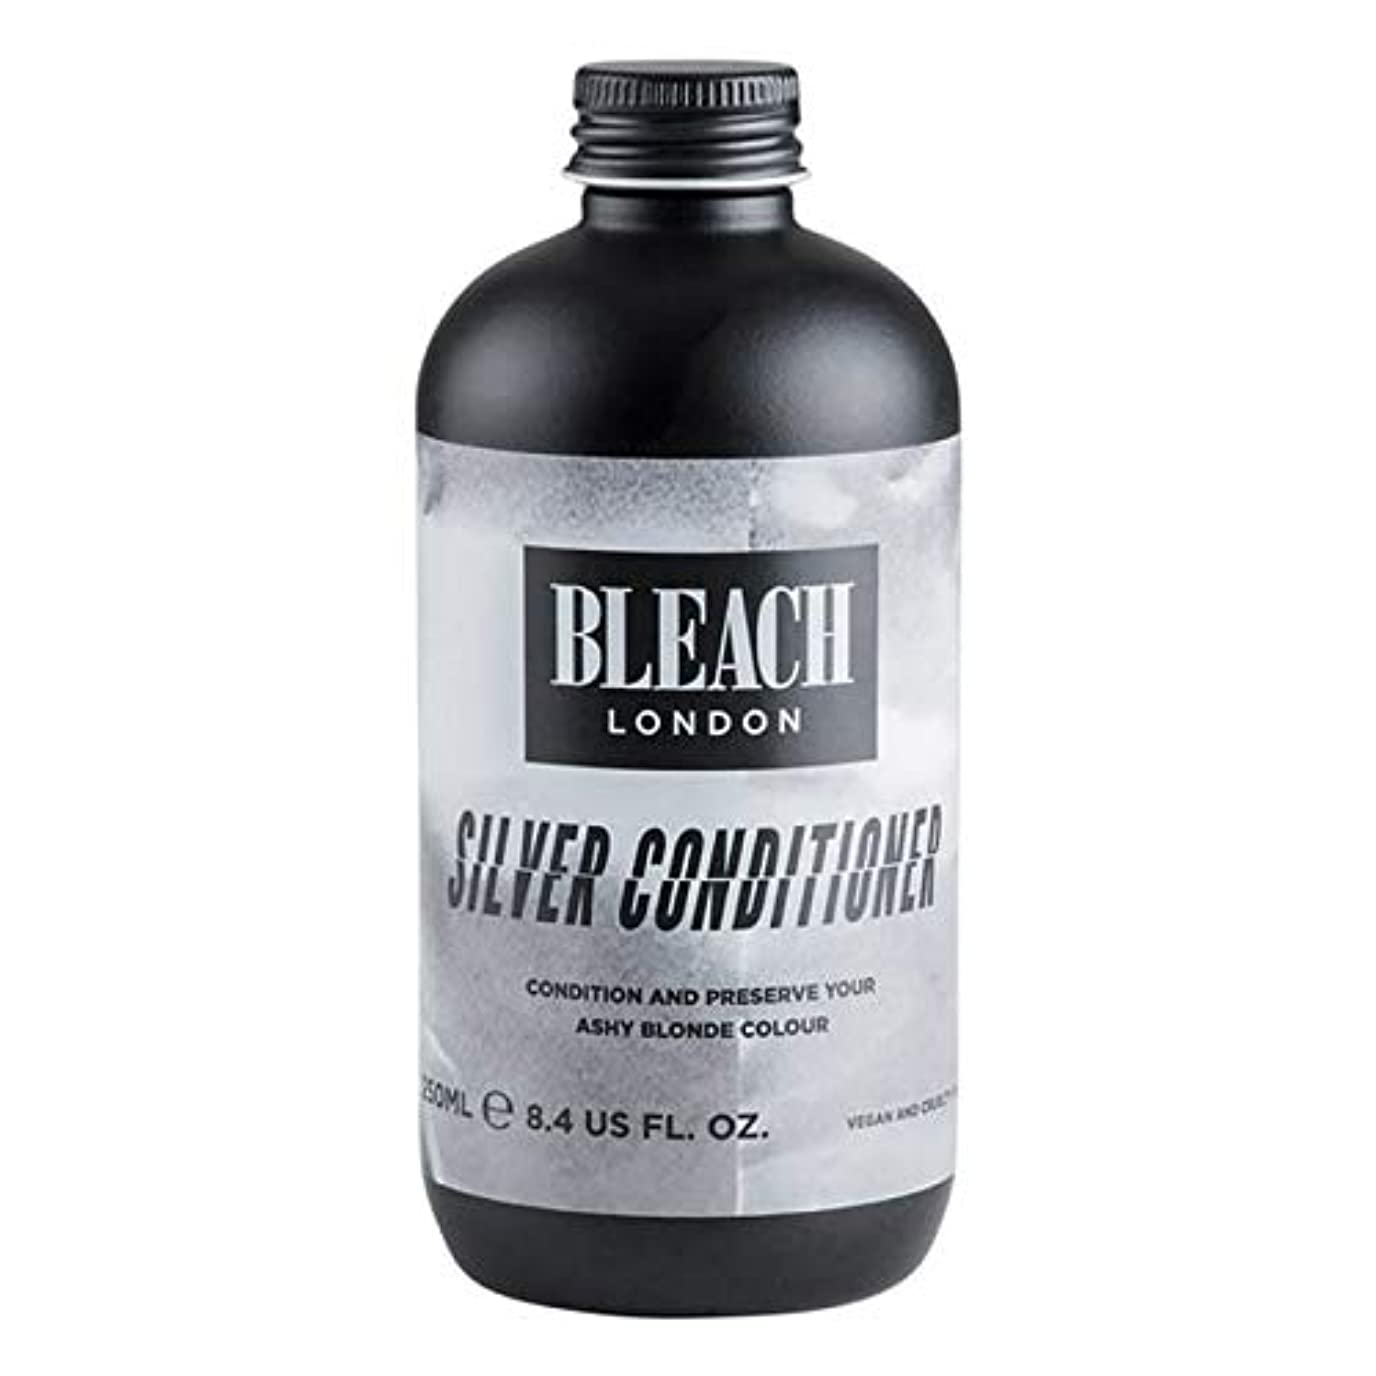 添加入学する復活する[Bleach London ] 漂白ロンドン銀コンディショナー250Ml - Bleach London Silver Conditioner 250ml [並行輸入品]